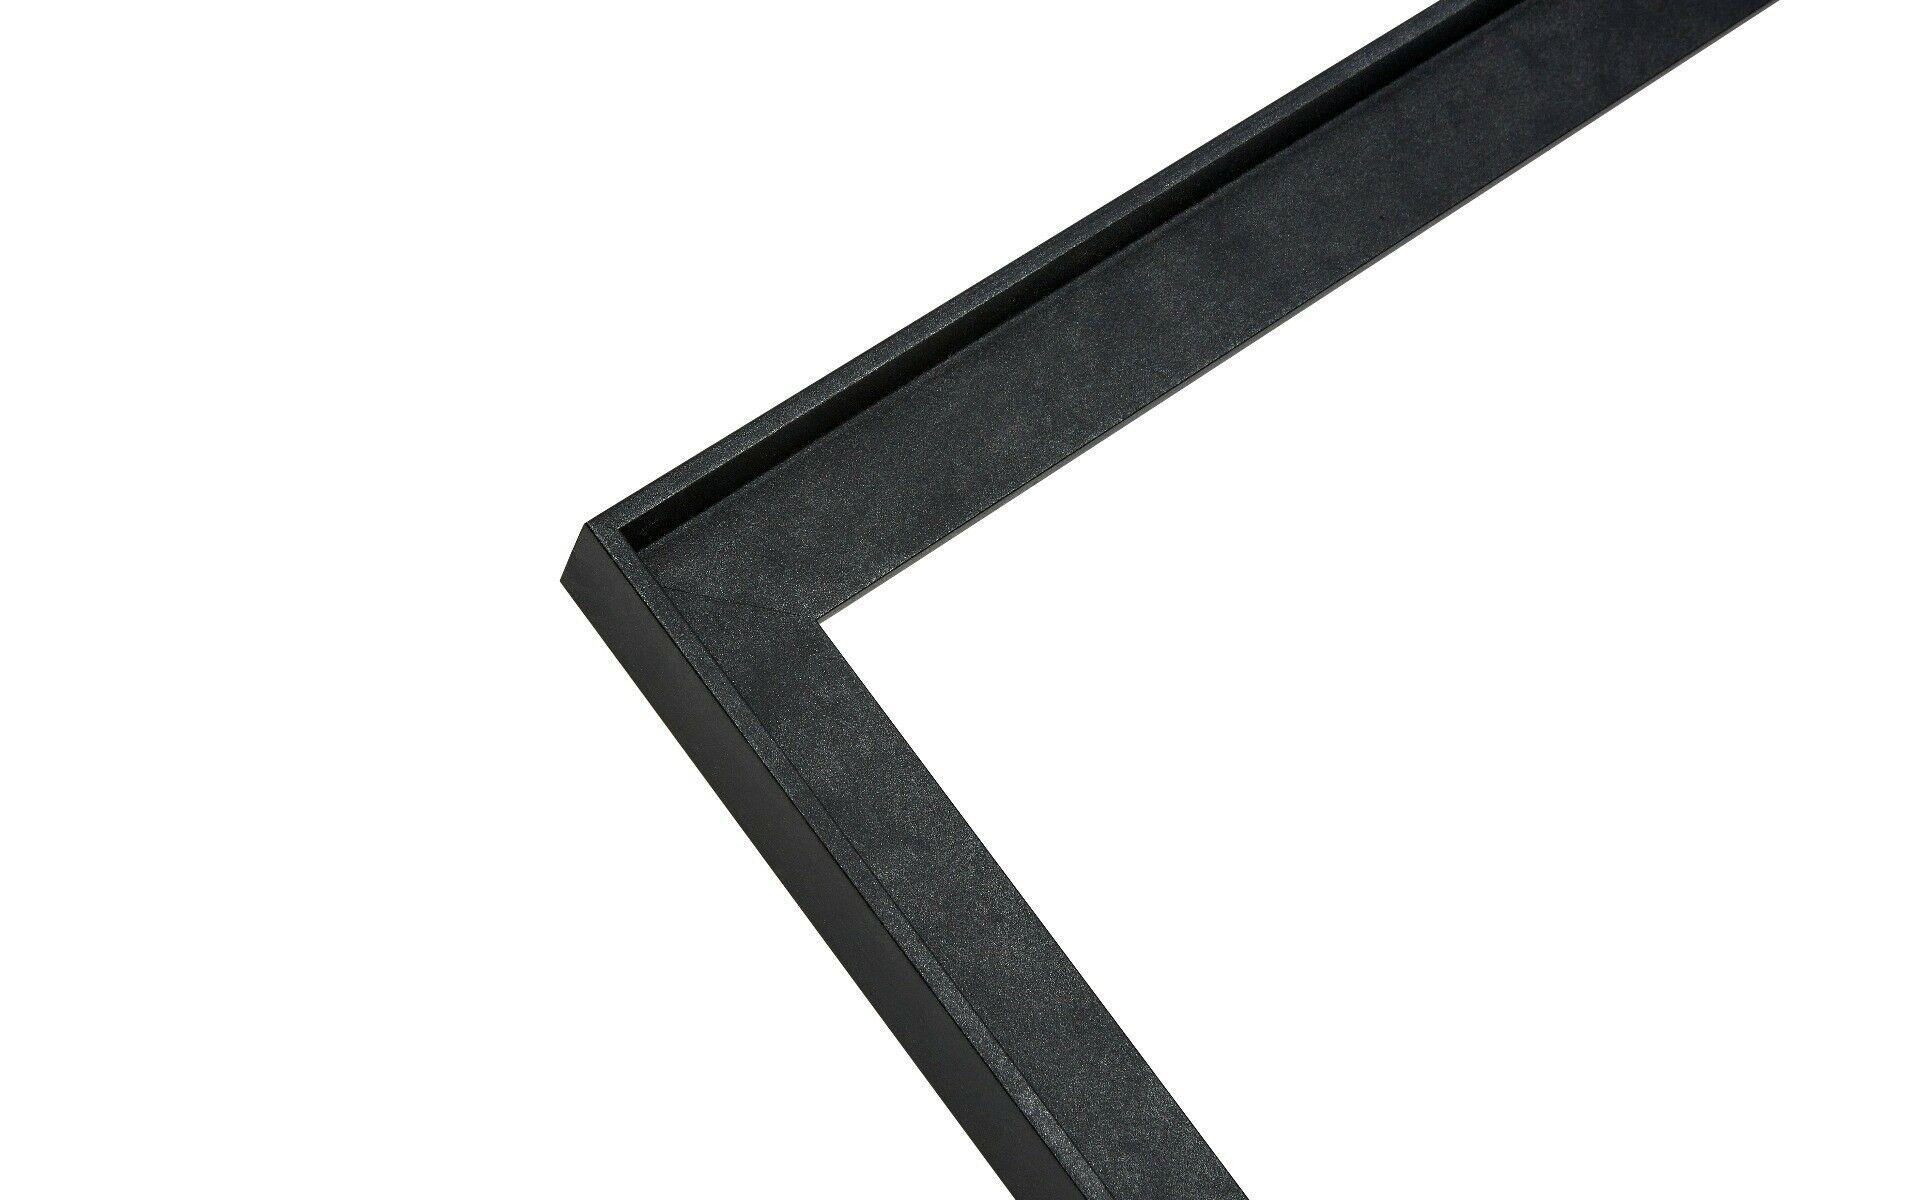 Baklijst - Canvaslijst- Industrieel - Antraciet Staal